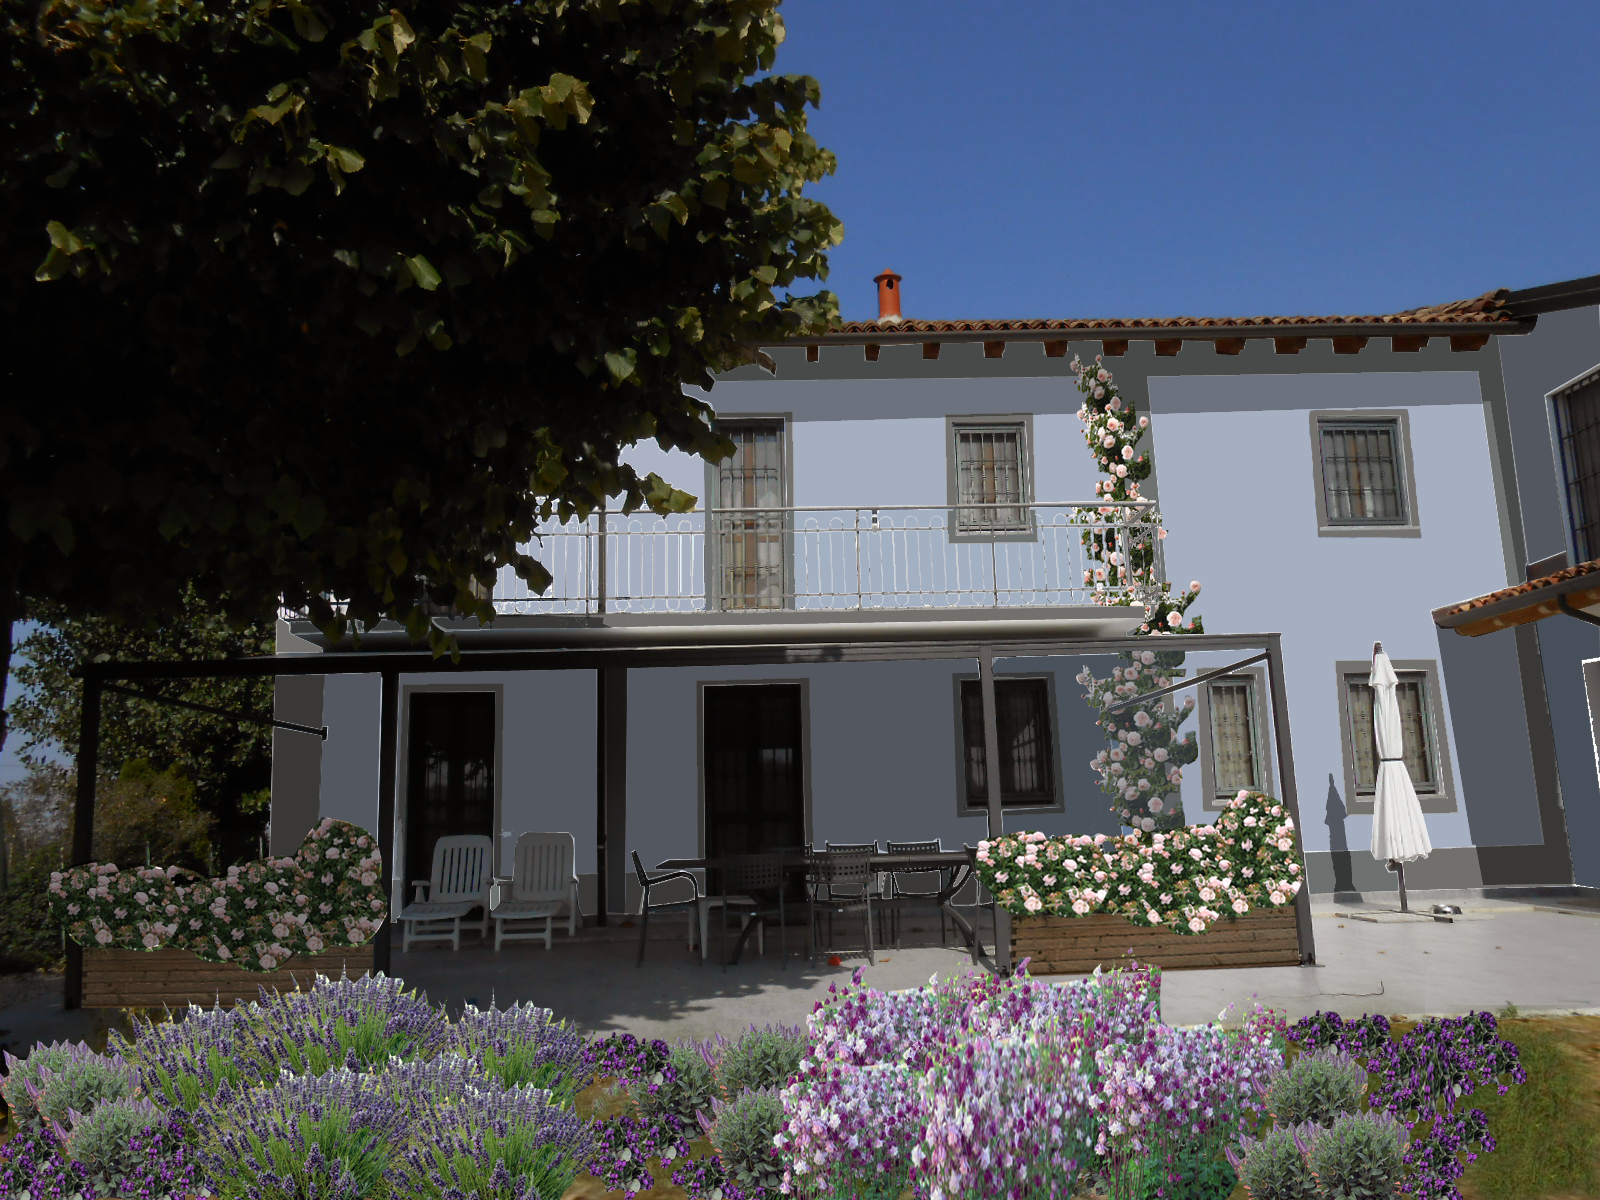 Casa moderna roma italy progettazione spazi verdi - Progettazione esterni casa ...